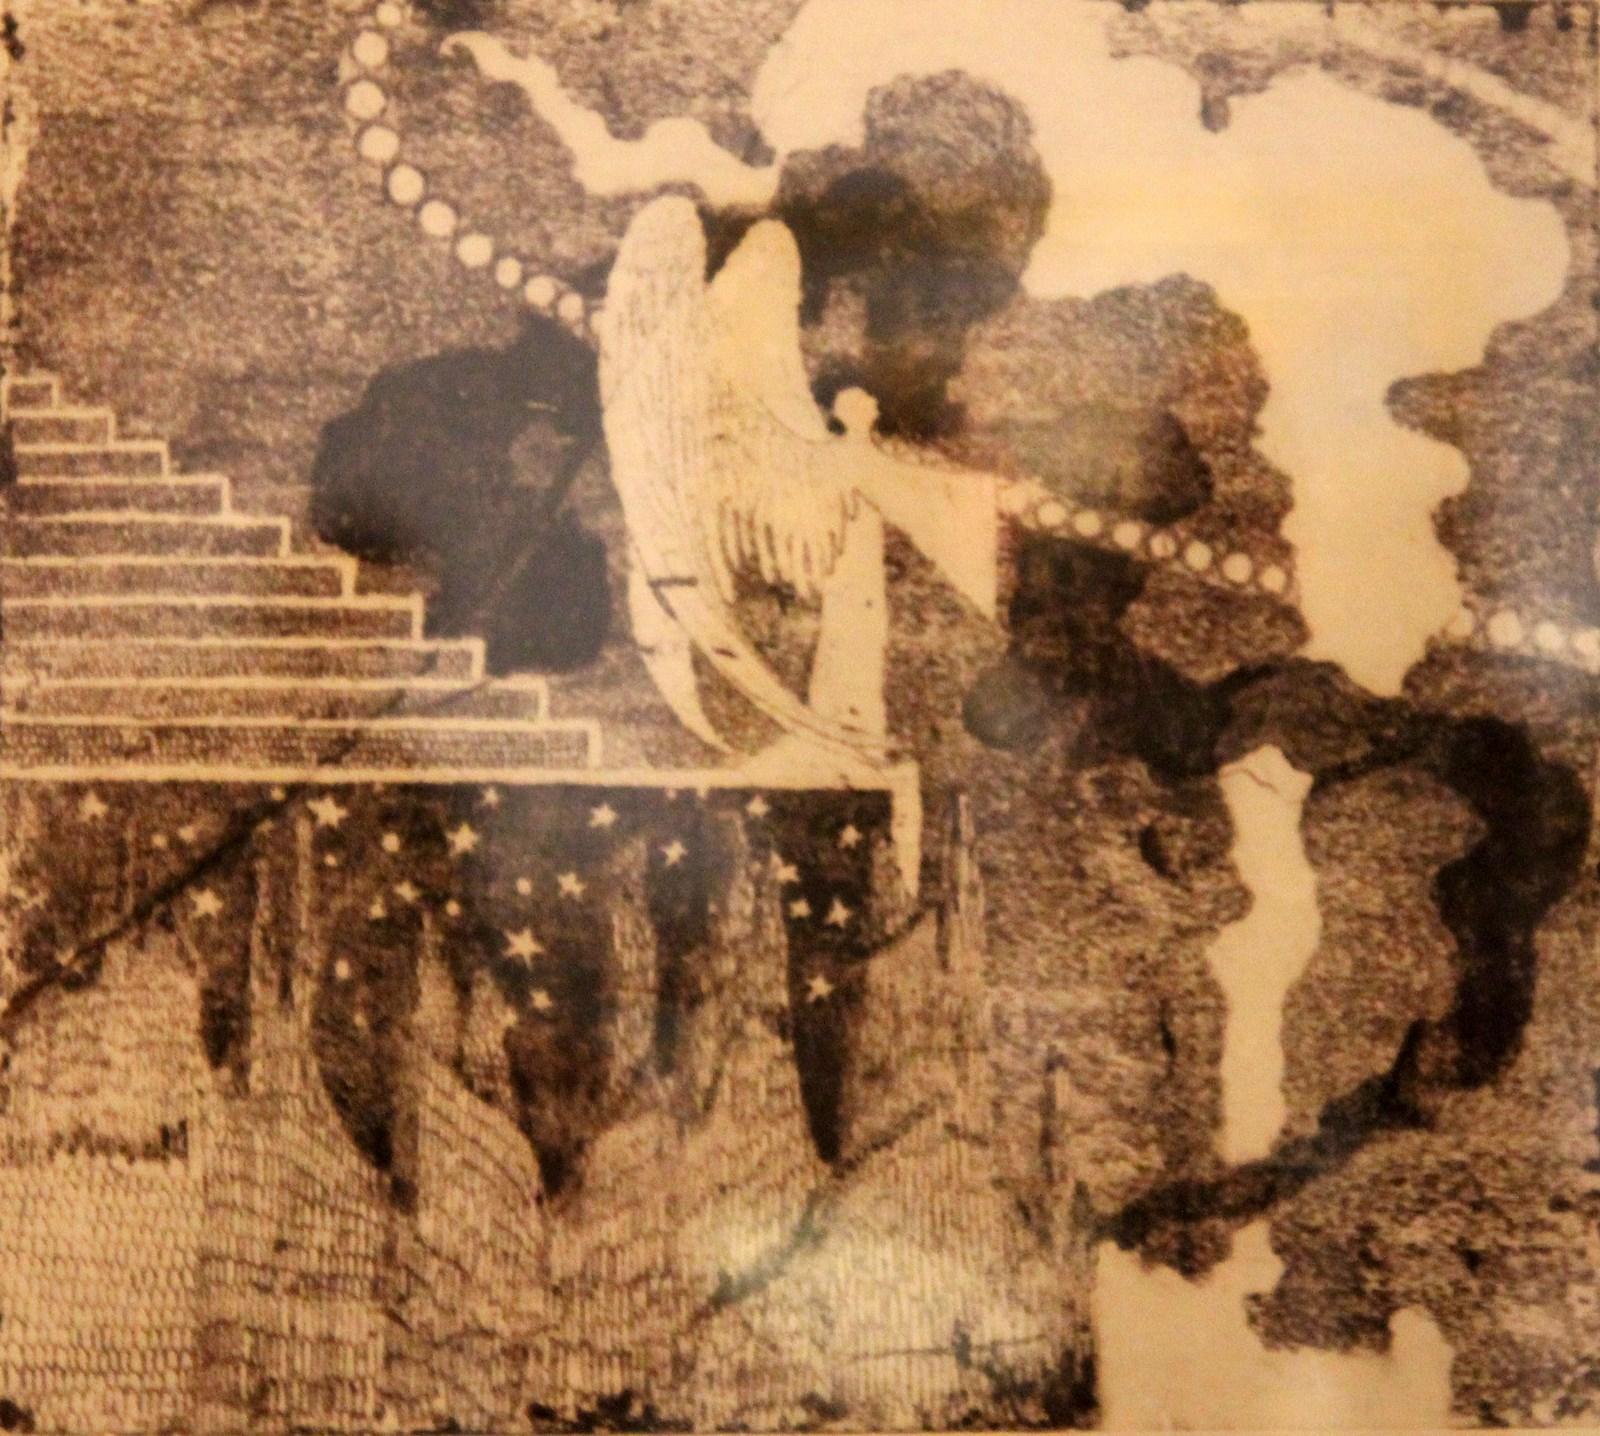 Чюрлёнис М.К. 1875-1911 Жертва. 1907-1908 Бумага, флорофорт Художественный музей Литвы